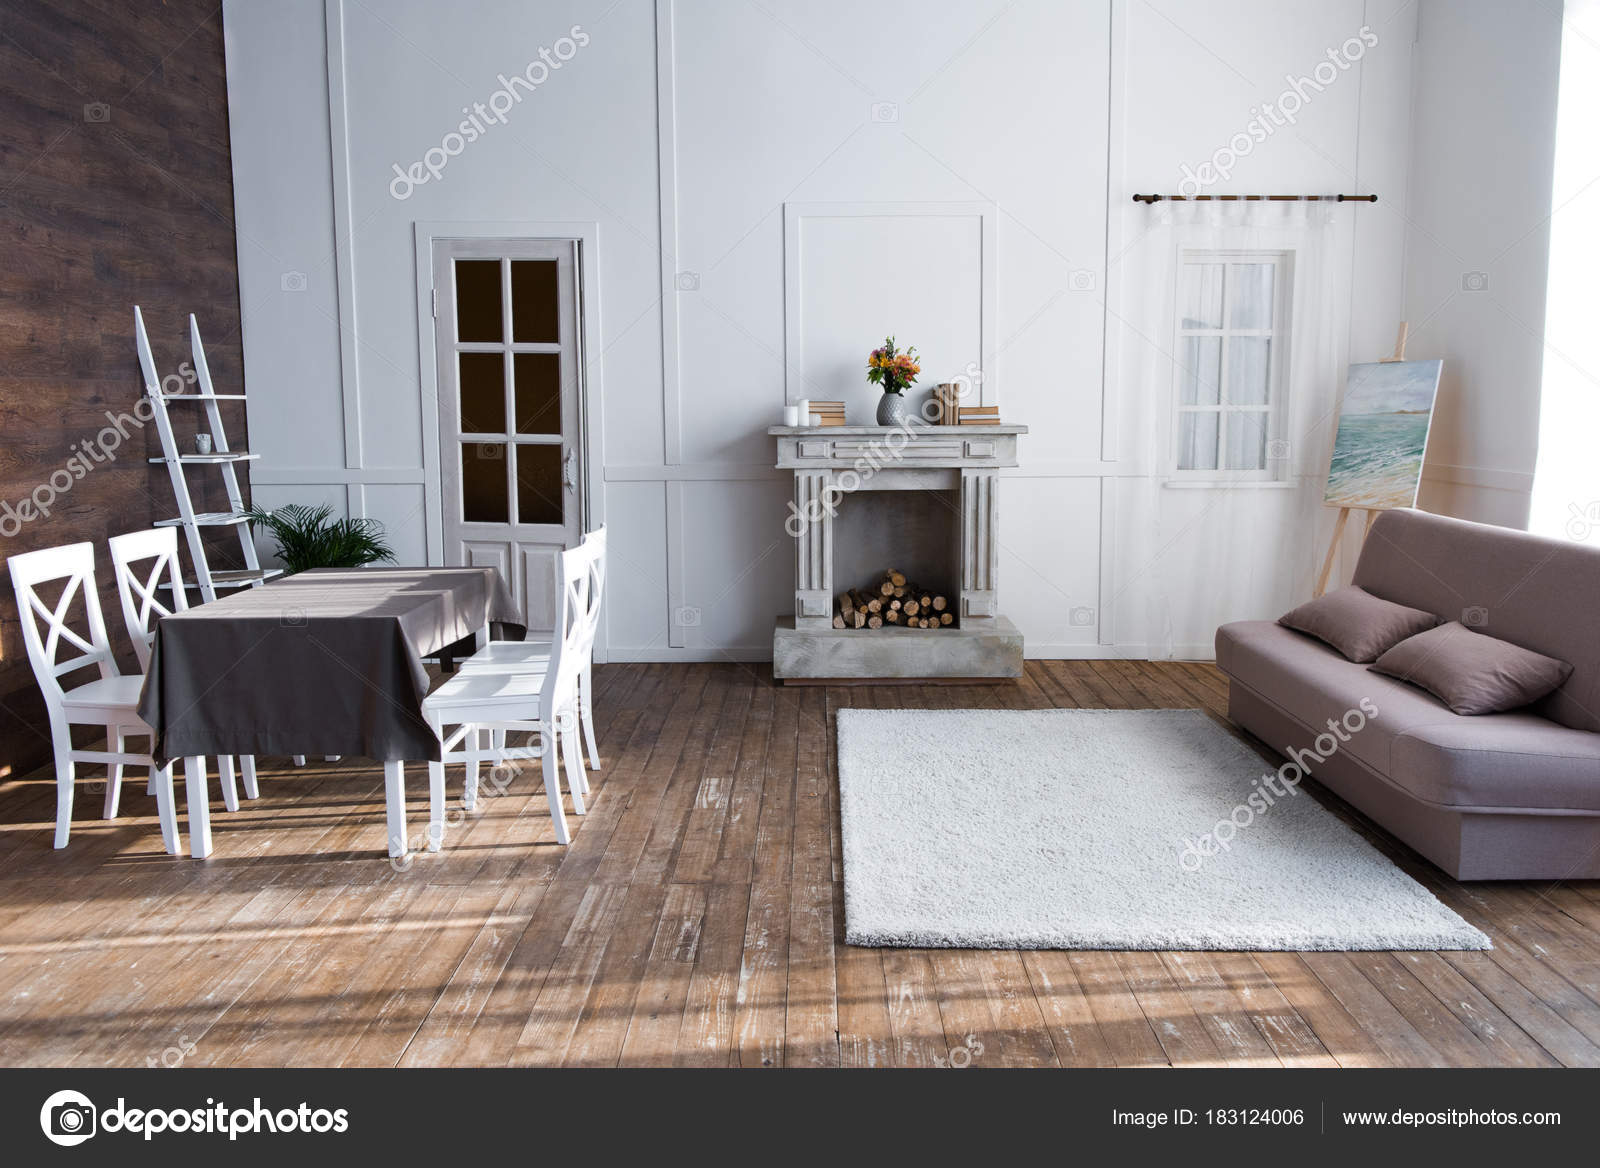 Ansprechend Gemütliches Wohnzimmer Sammlung Von Gemütliches Interieur Mit Stilvollen Möbeln — Foto